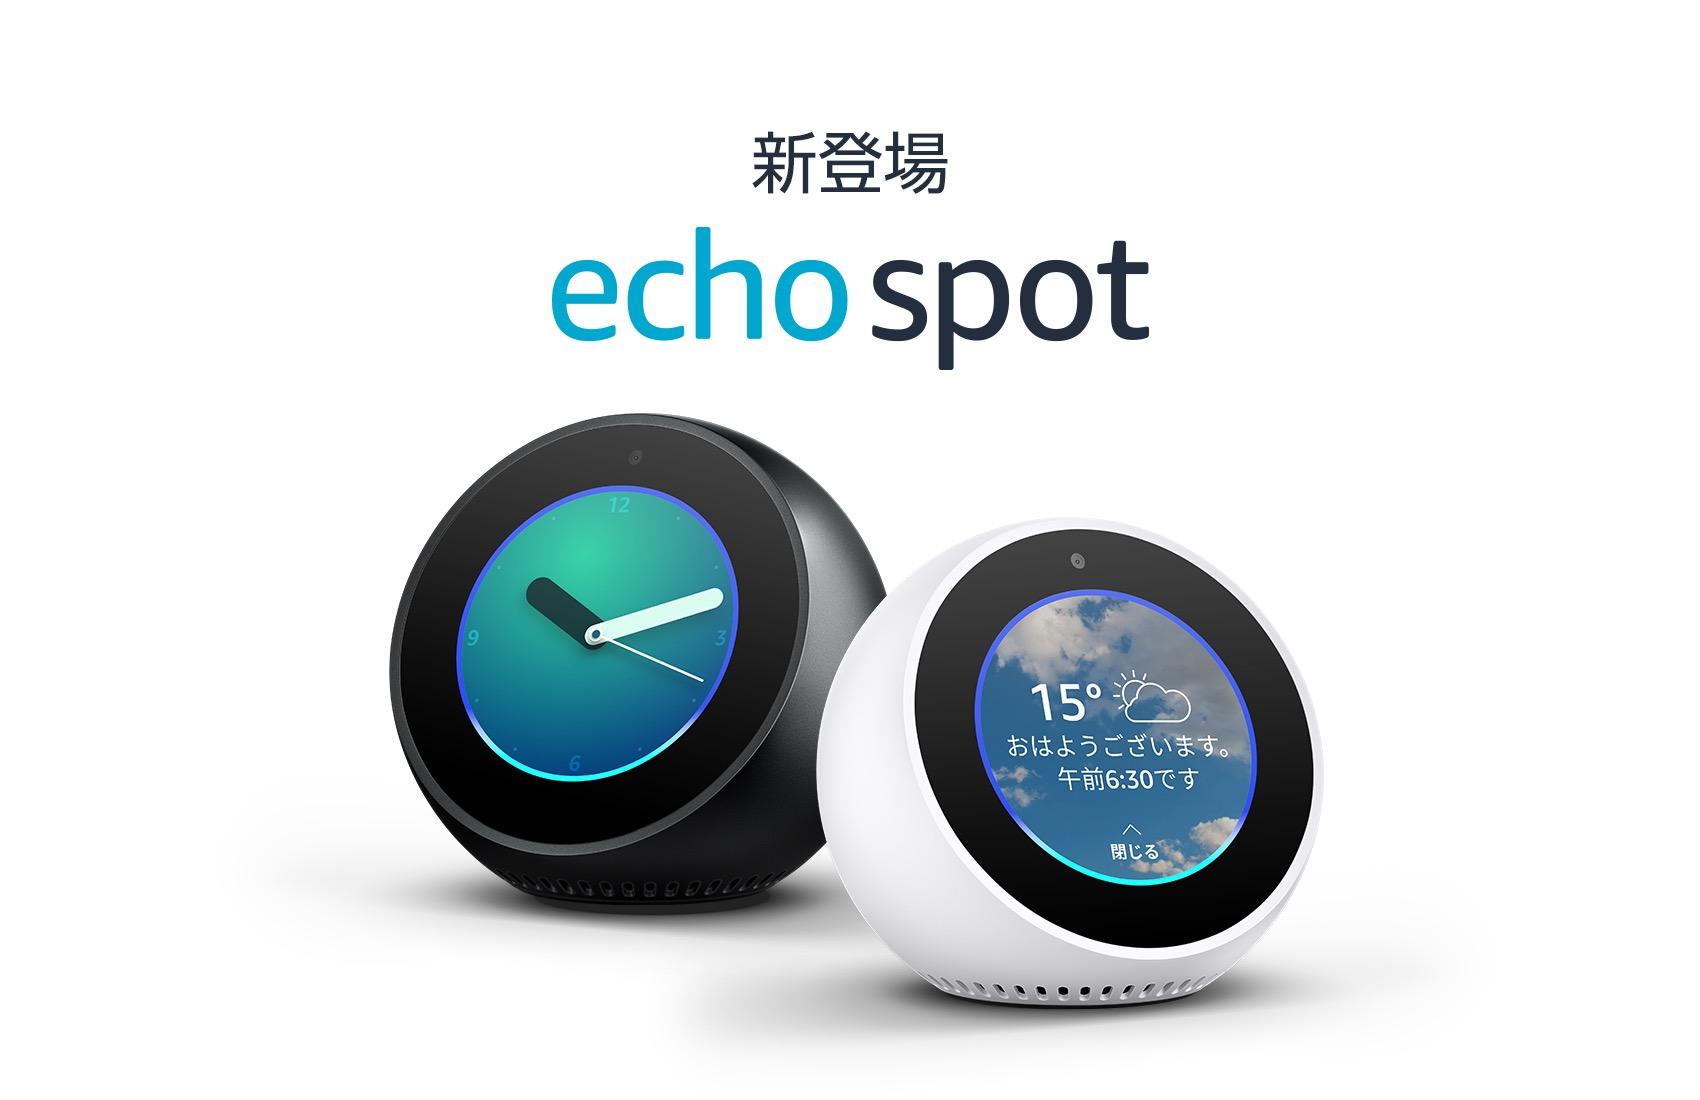 今日だけ、画面付きスマートスピーカー「Echo Spot」が4,500円オフに